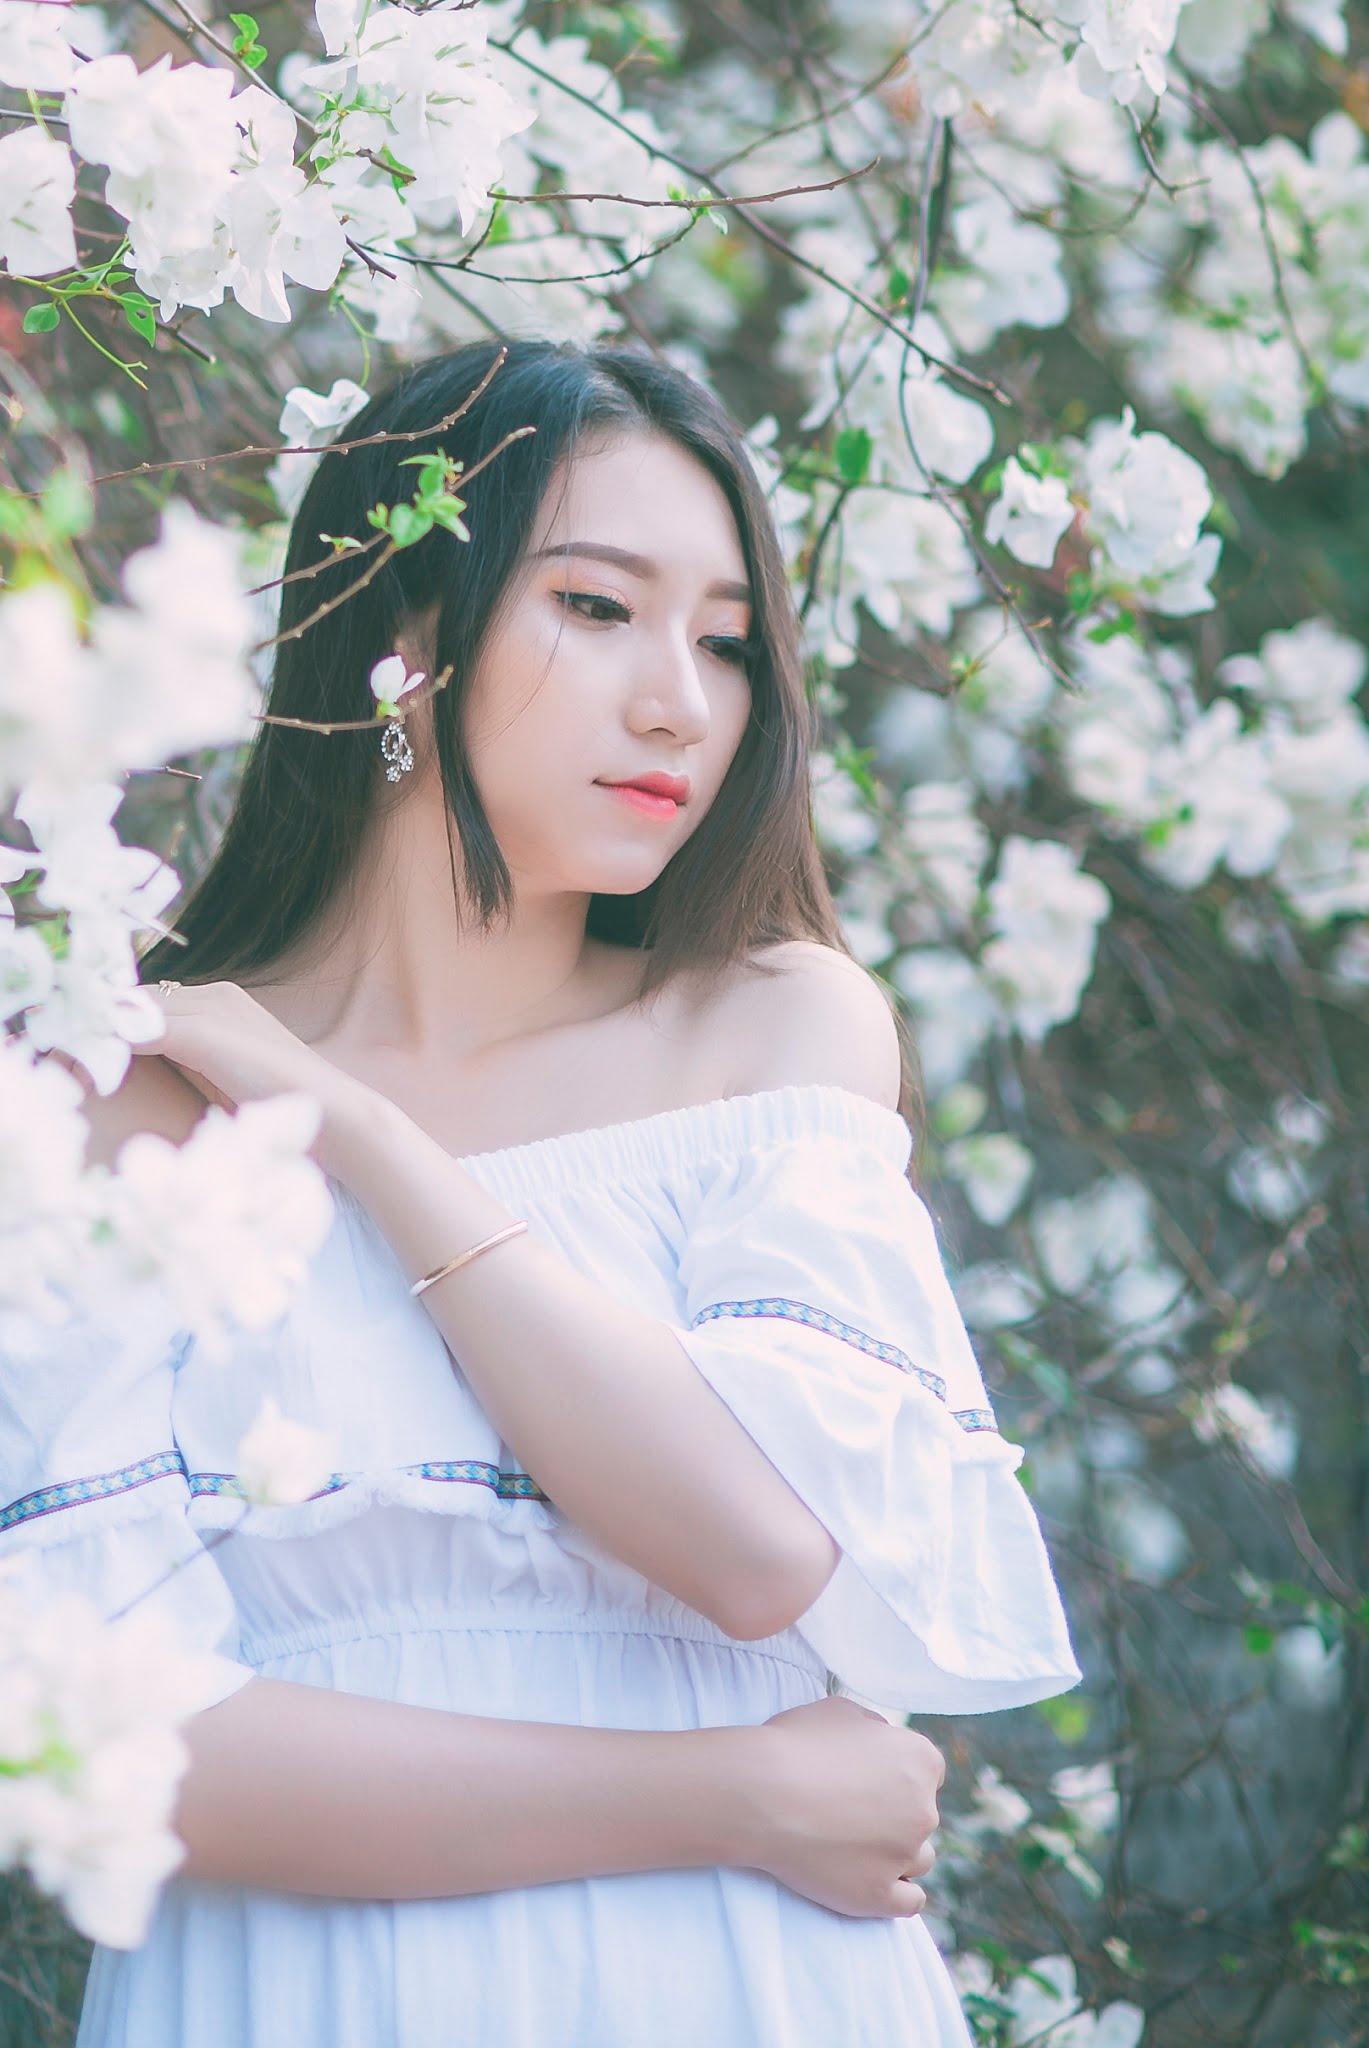 anh chup hoa giay 13 - Ảnh chụp với hoa giấy quận 2 - Huỳnh Như